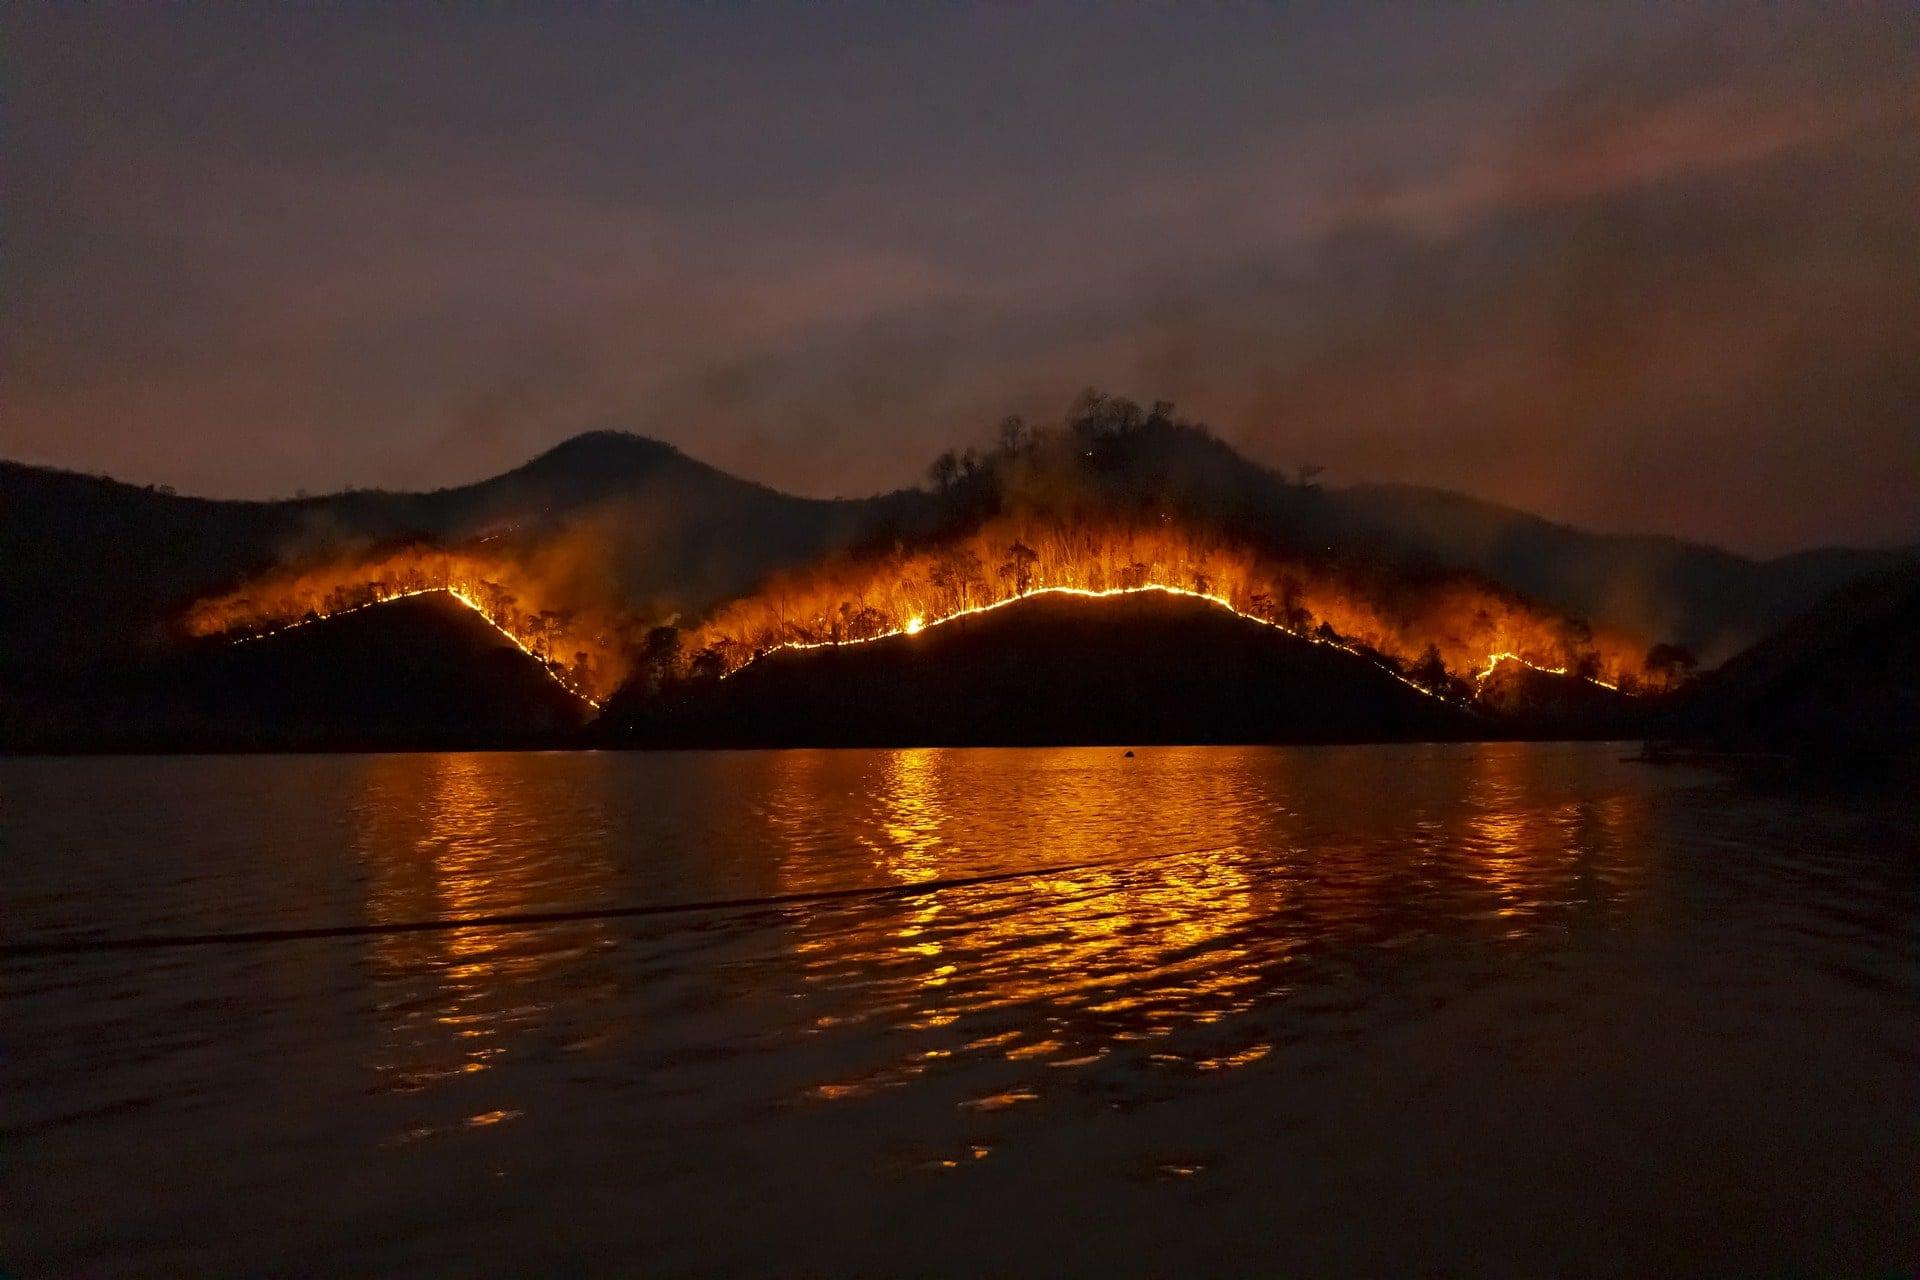 Rekordhőség Ausztráliában! - Ismét nő a tűzvészek esélye! 2